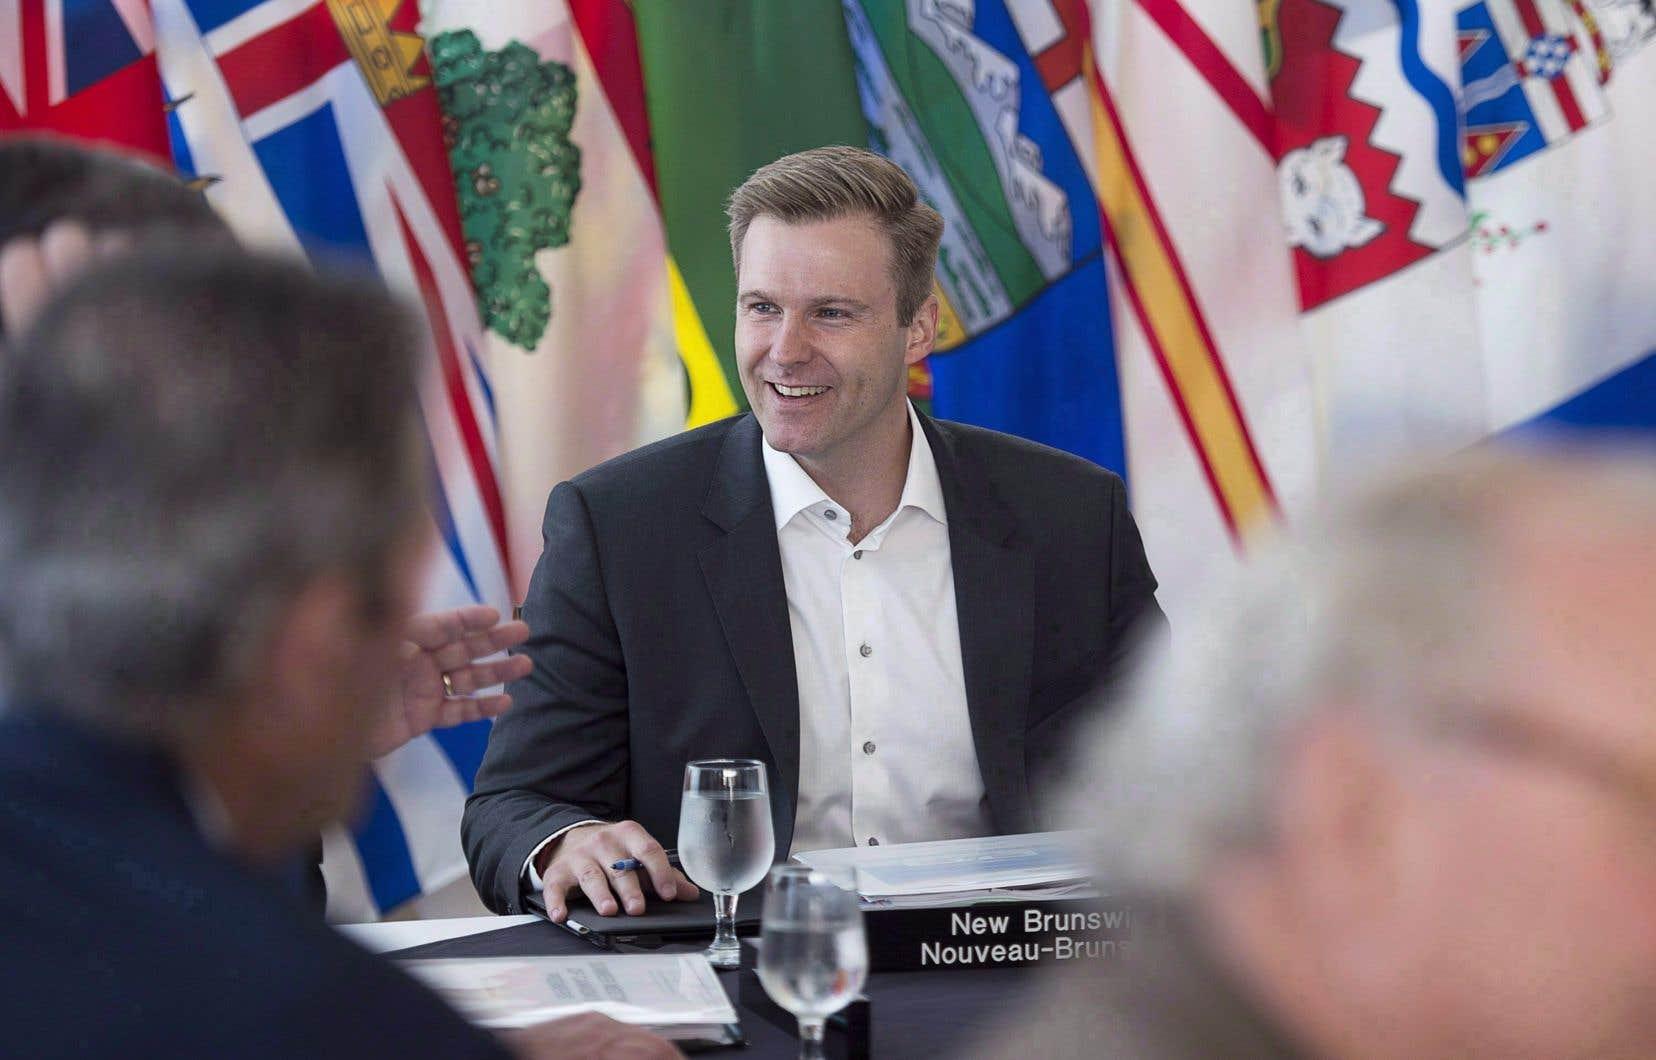 Les sondages laissent entendre que les Néo-Brunswickois n'ont pas encore tranché entre le libéral Brian Gallant et le progressiste-conservateur Blaine Higgs.